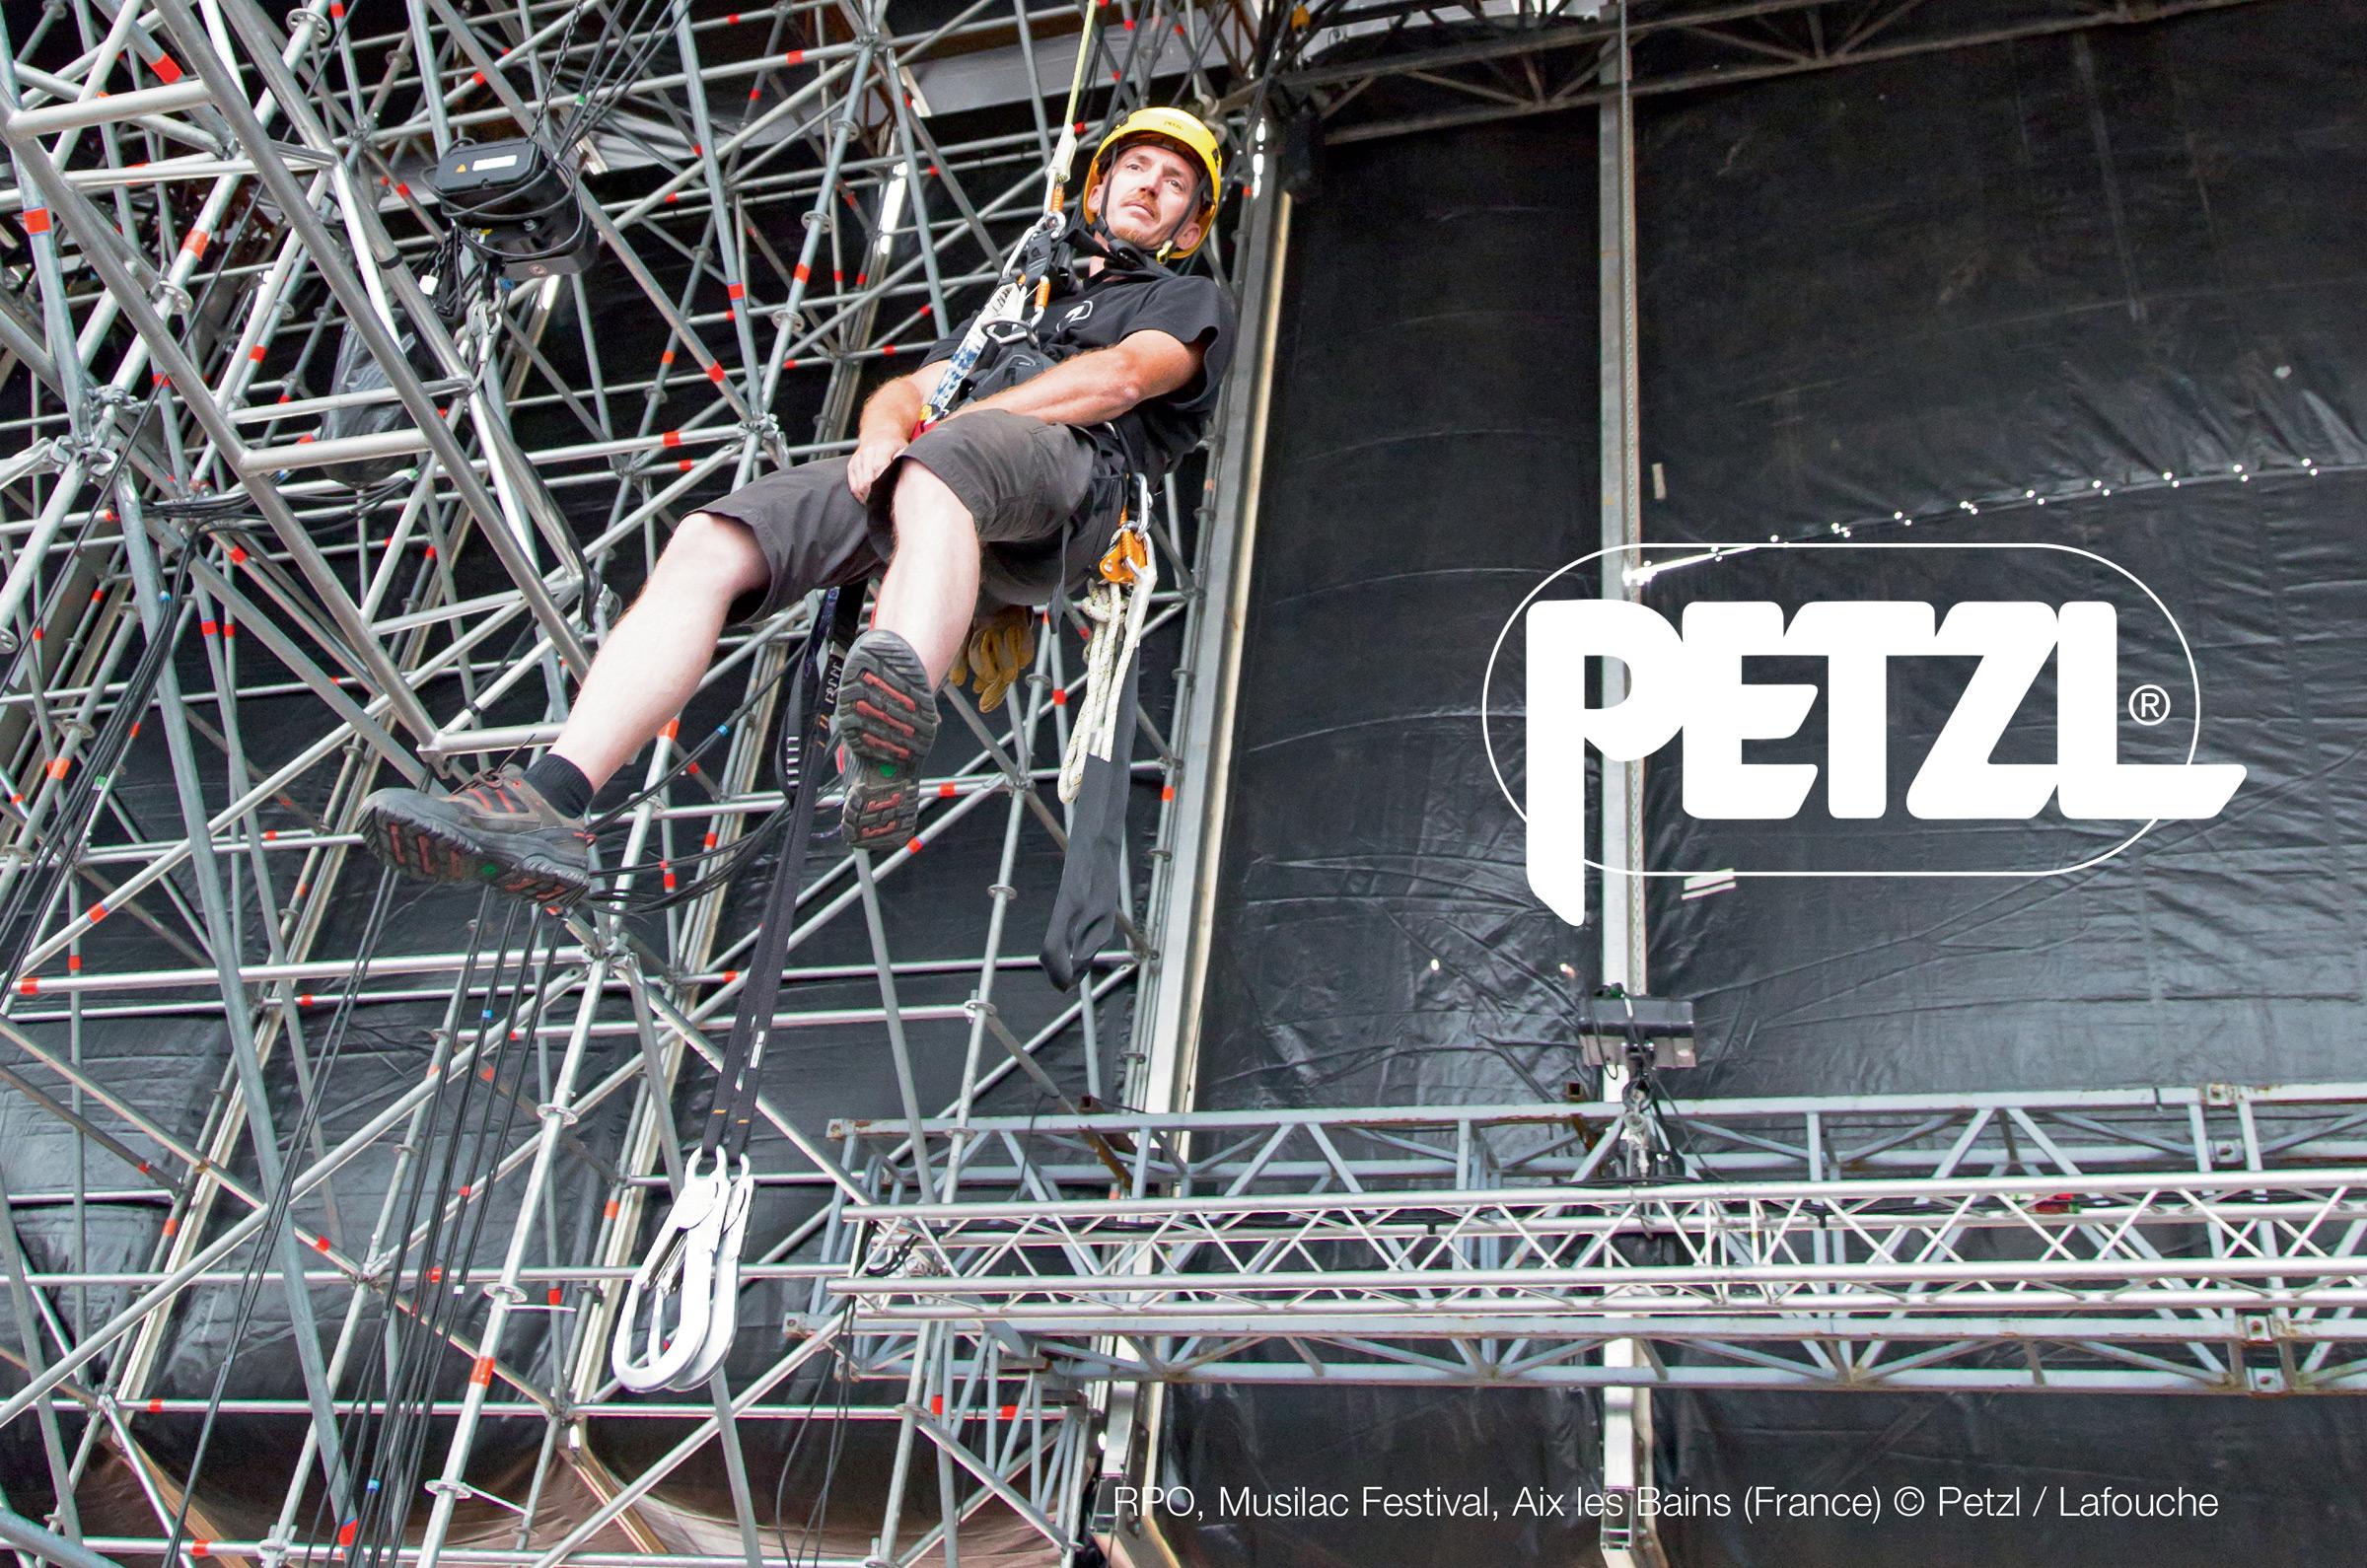 petzl-1.jpg